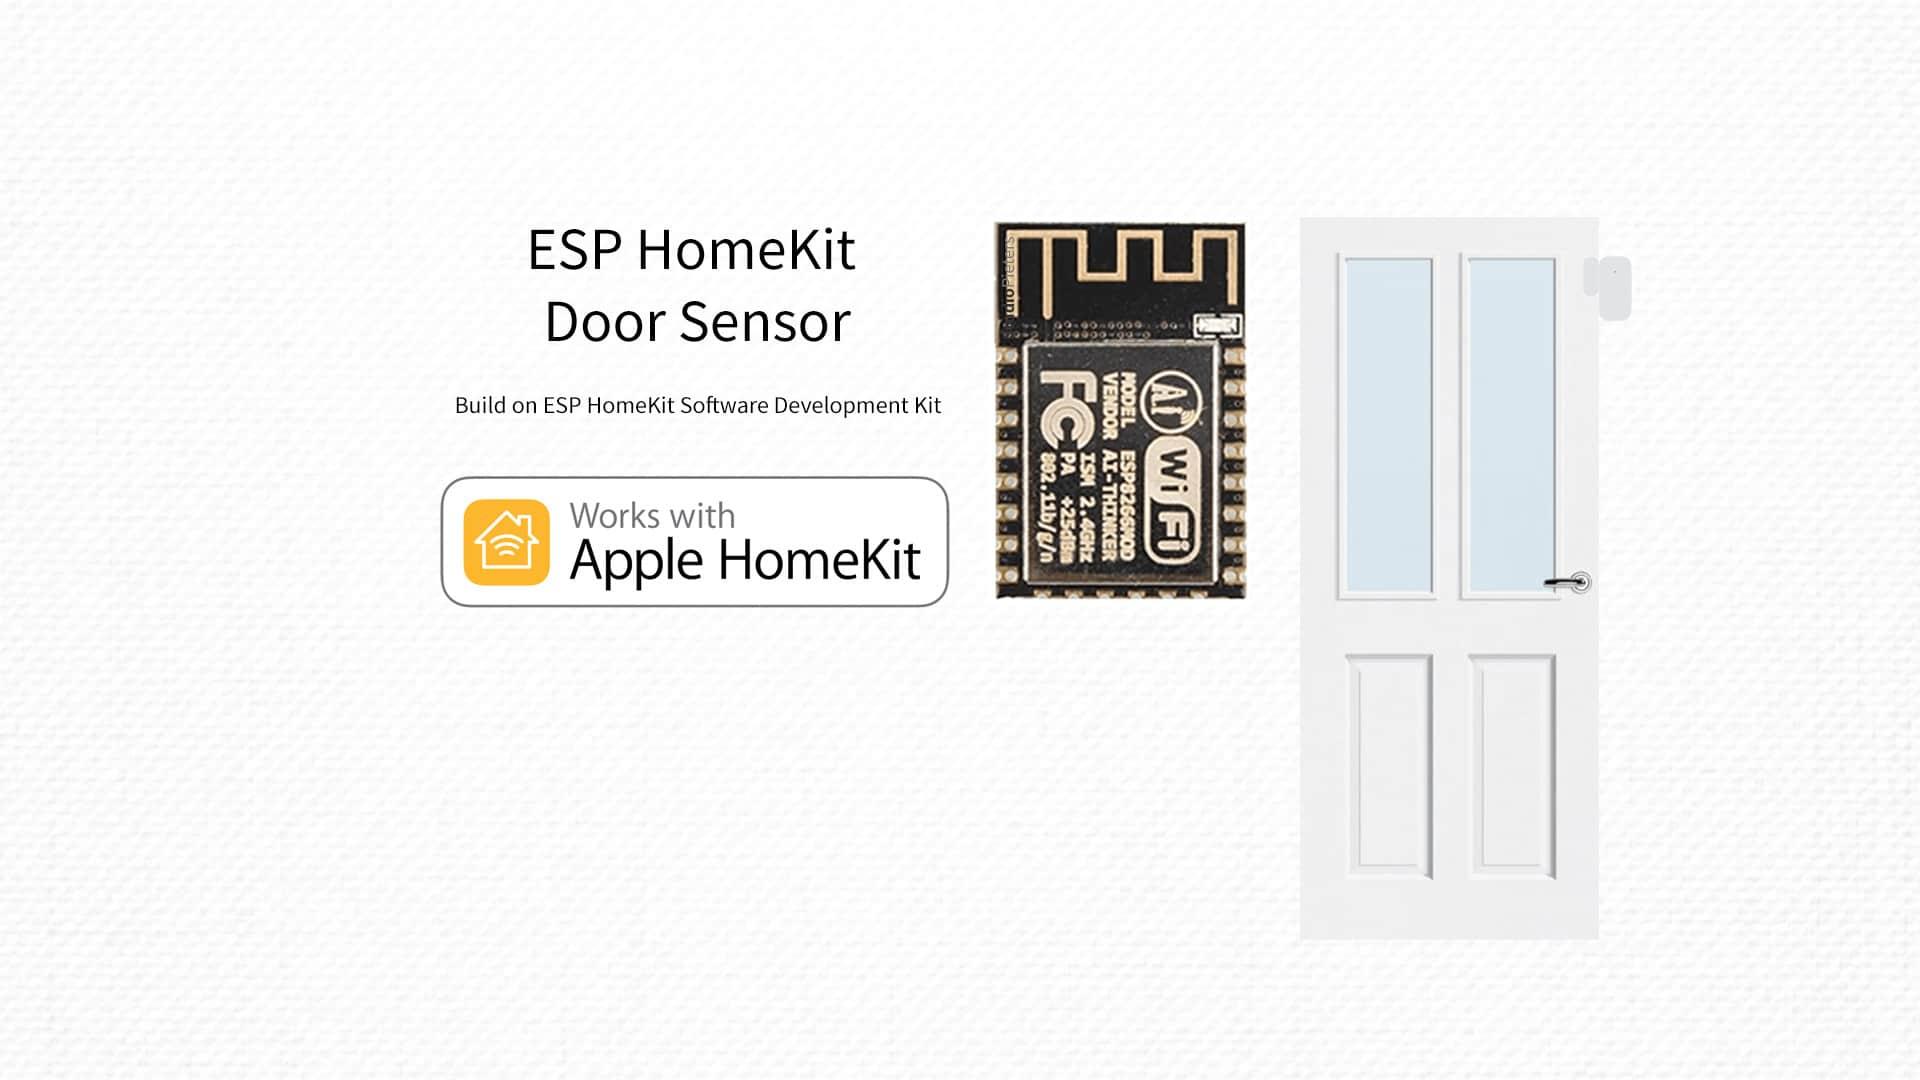 ESP8266 – HomeKit Door Sensor